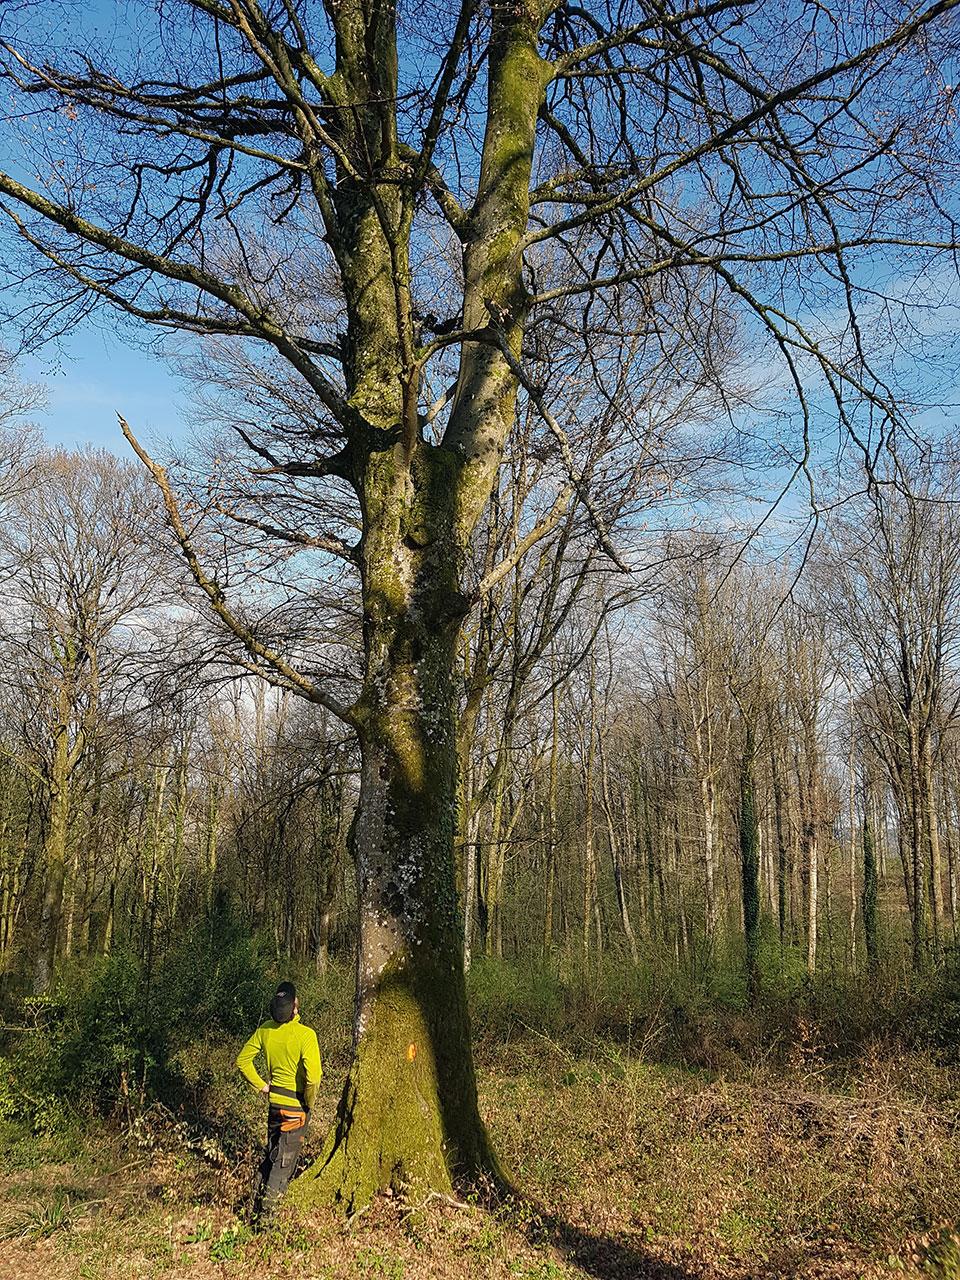 Abattage transthom transport elagage d montage taille abattage arbres bois de - Arbre fruitier comme bois de chauffage ...